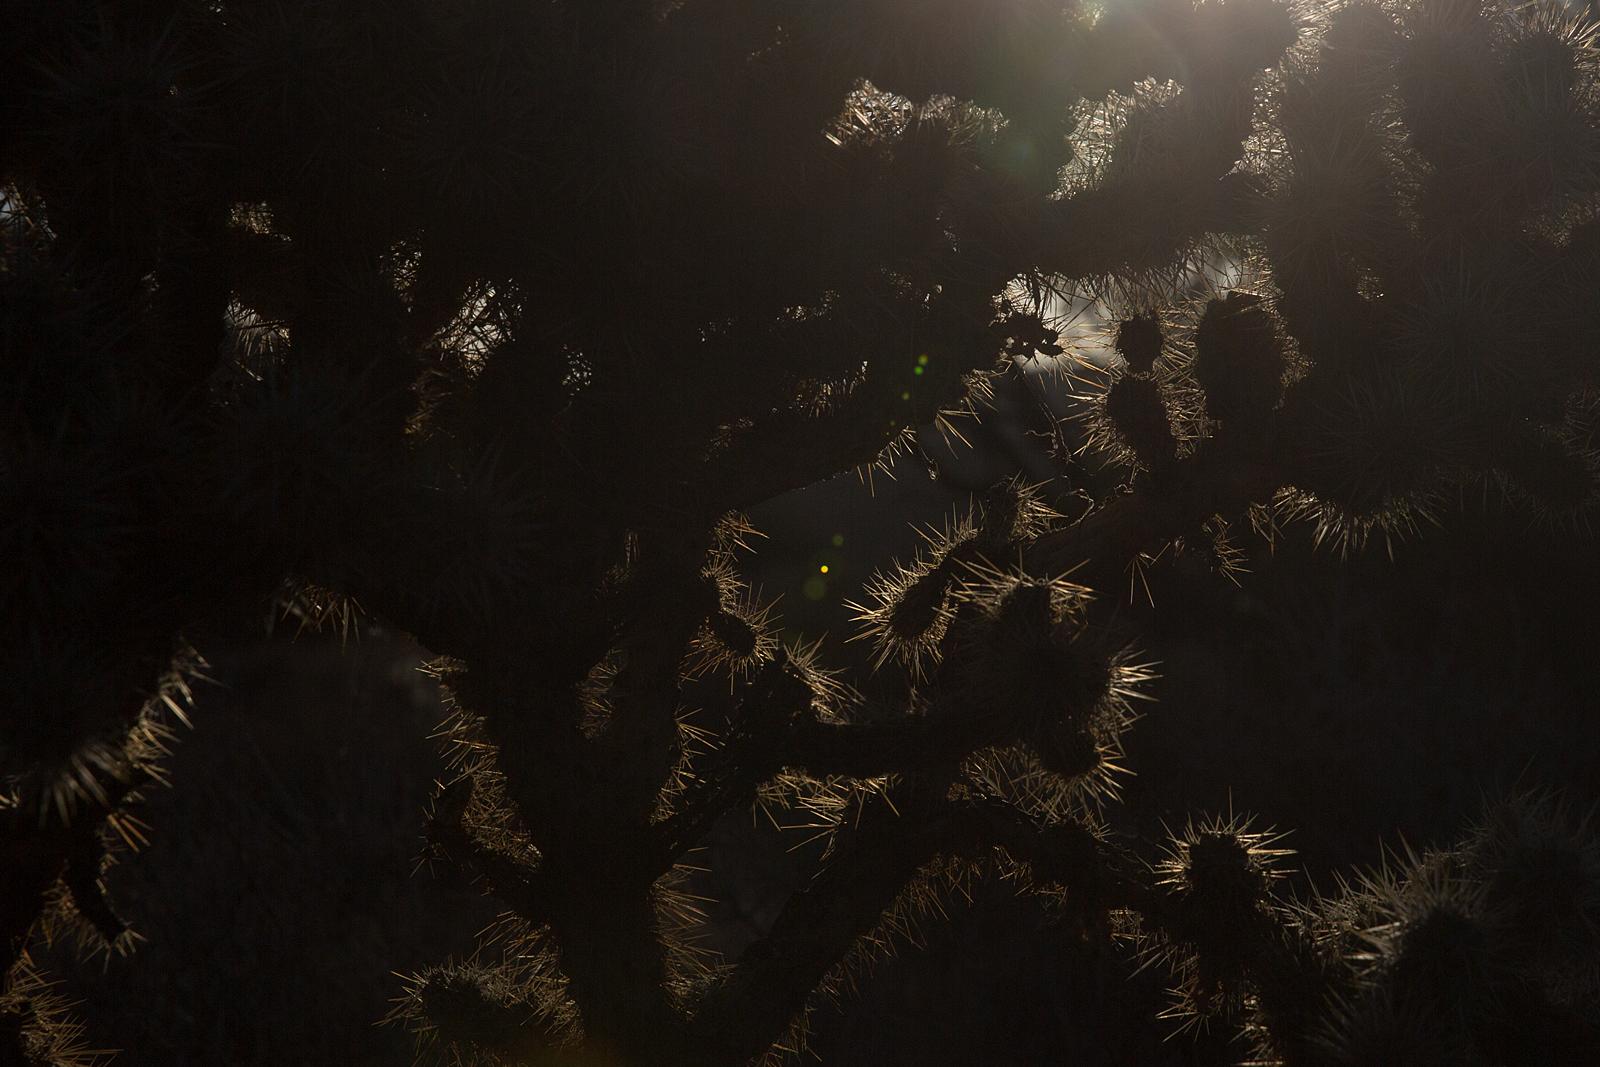 bolfo_0006s_0008_Joshua Tree